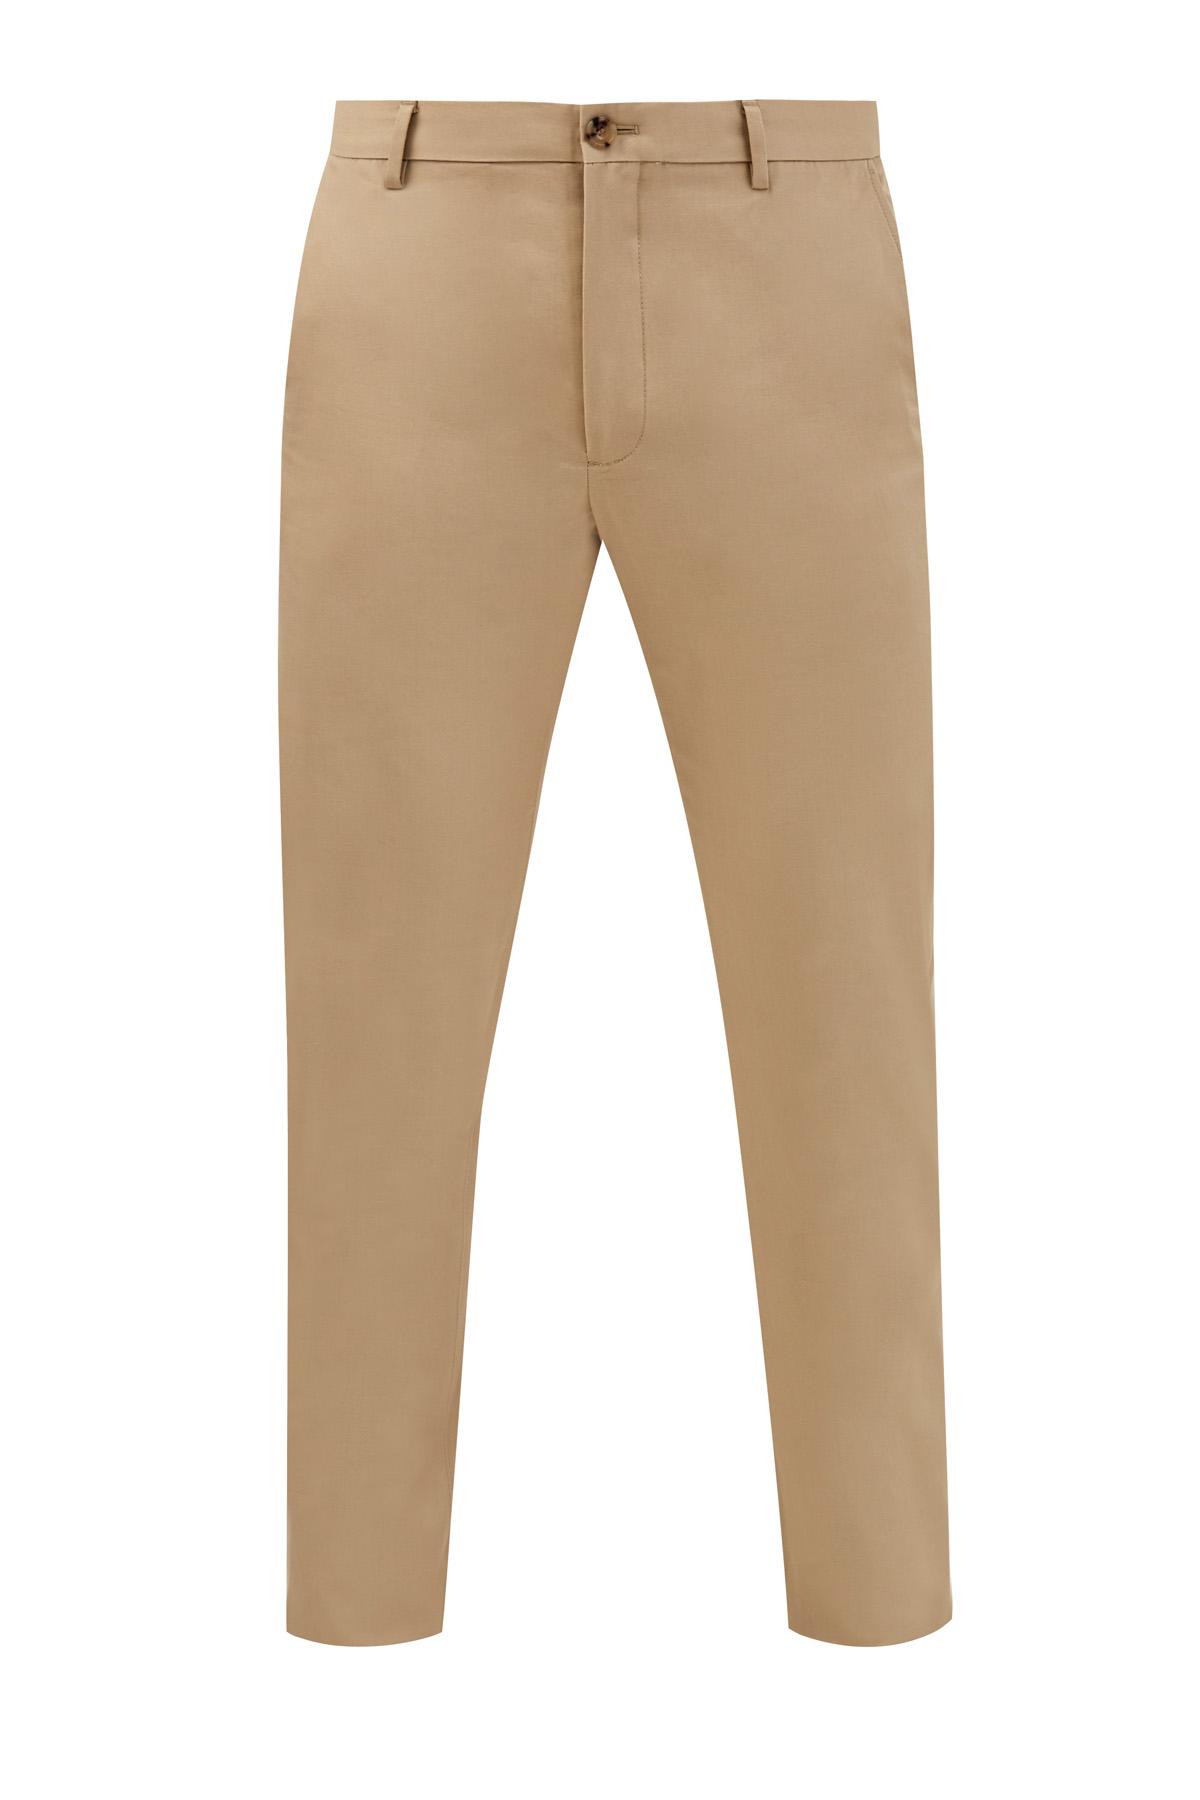 Хлопковые брюки-чинос с пуговицами из рога буйвола фото